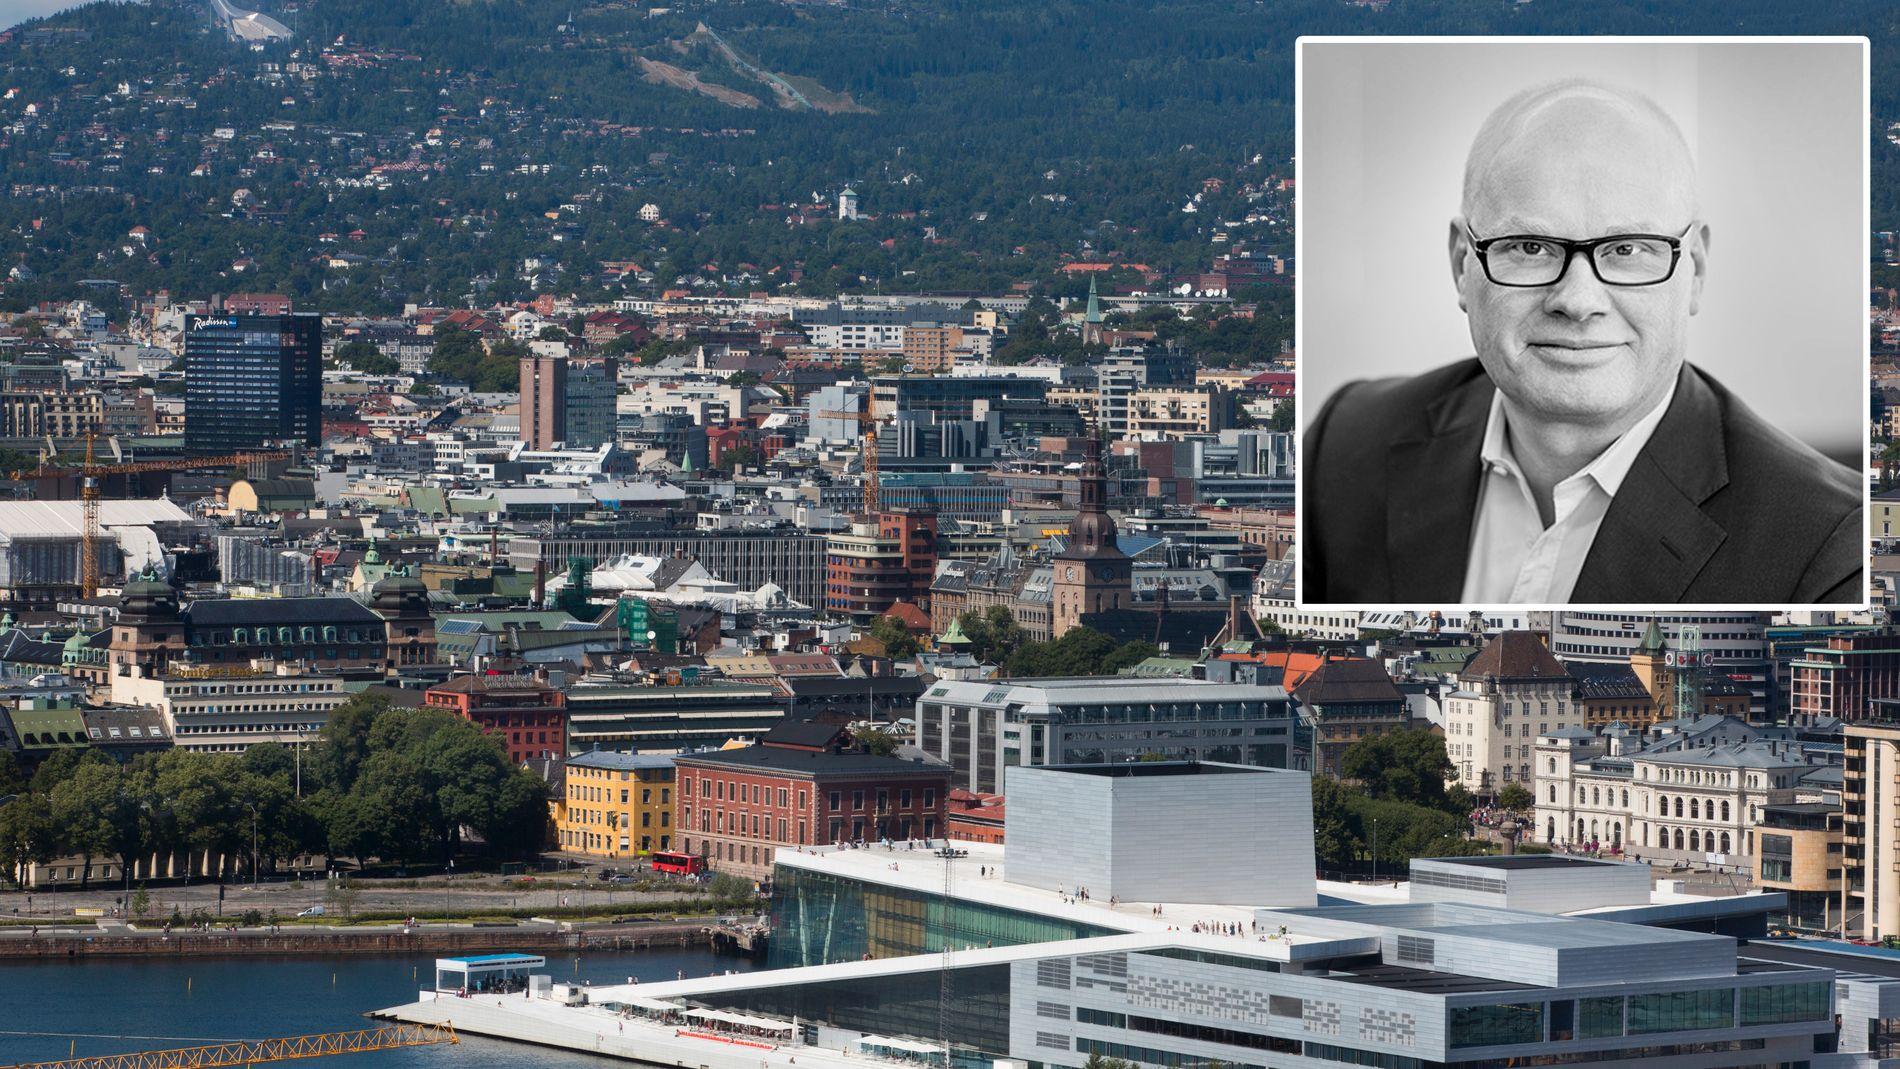 FORBI TOPPEN: Det rekordhøye transaksjonsvolumet på over 120 milliarder kroner kommer ikke tilbake med det første, mener Bård Bjølgerud, administrerende direktør og partner i Pangea Property Partners.